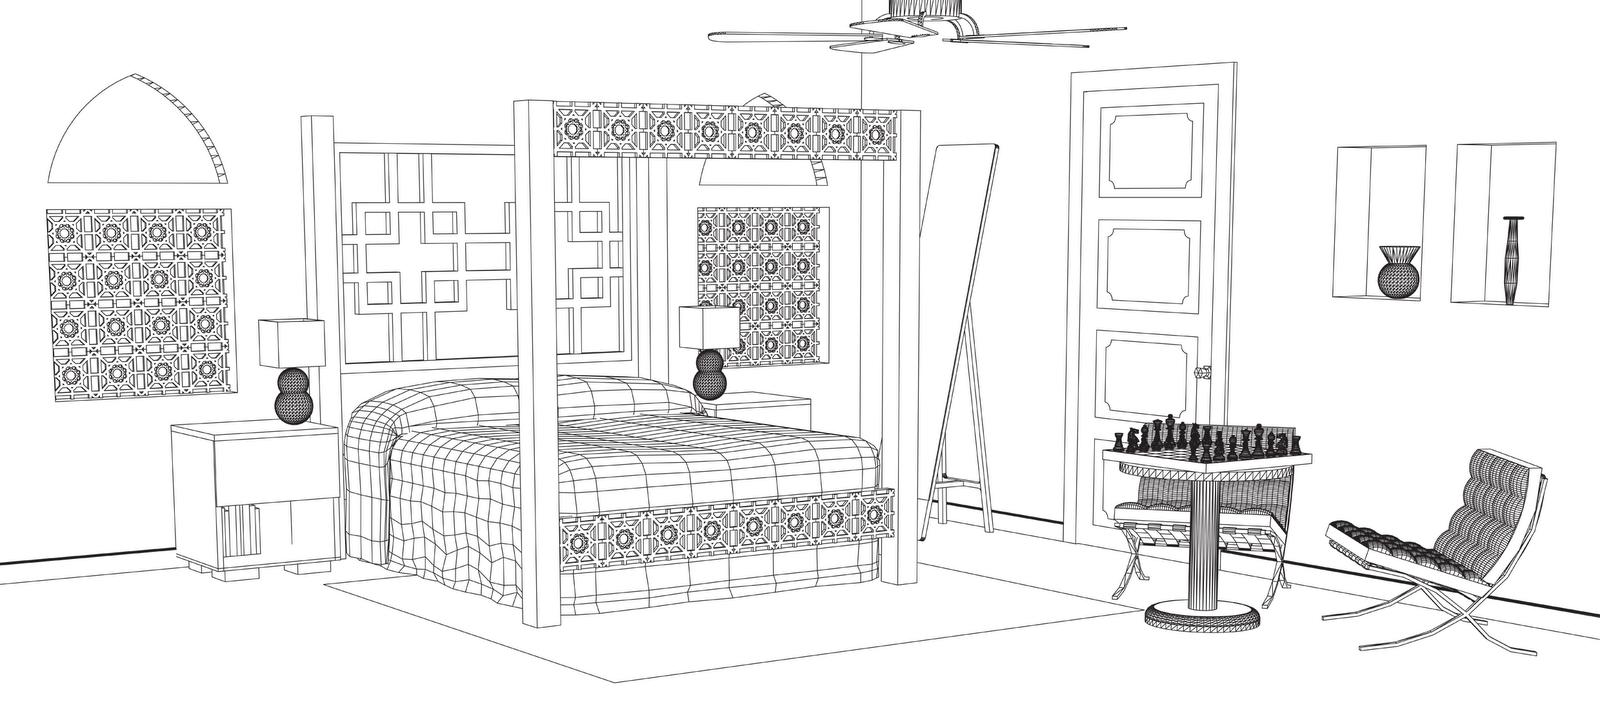 Lyla Drake-Wilhelm: Riyadh Residential Housing Project